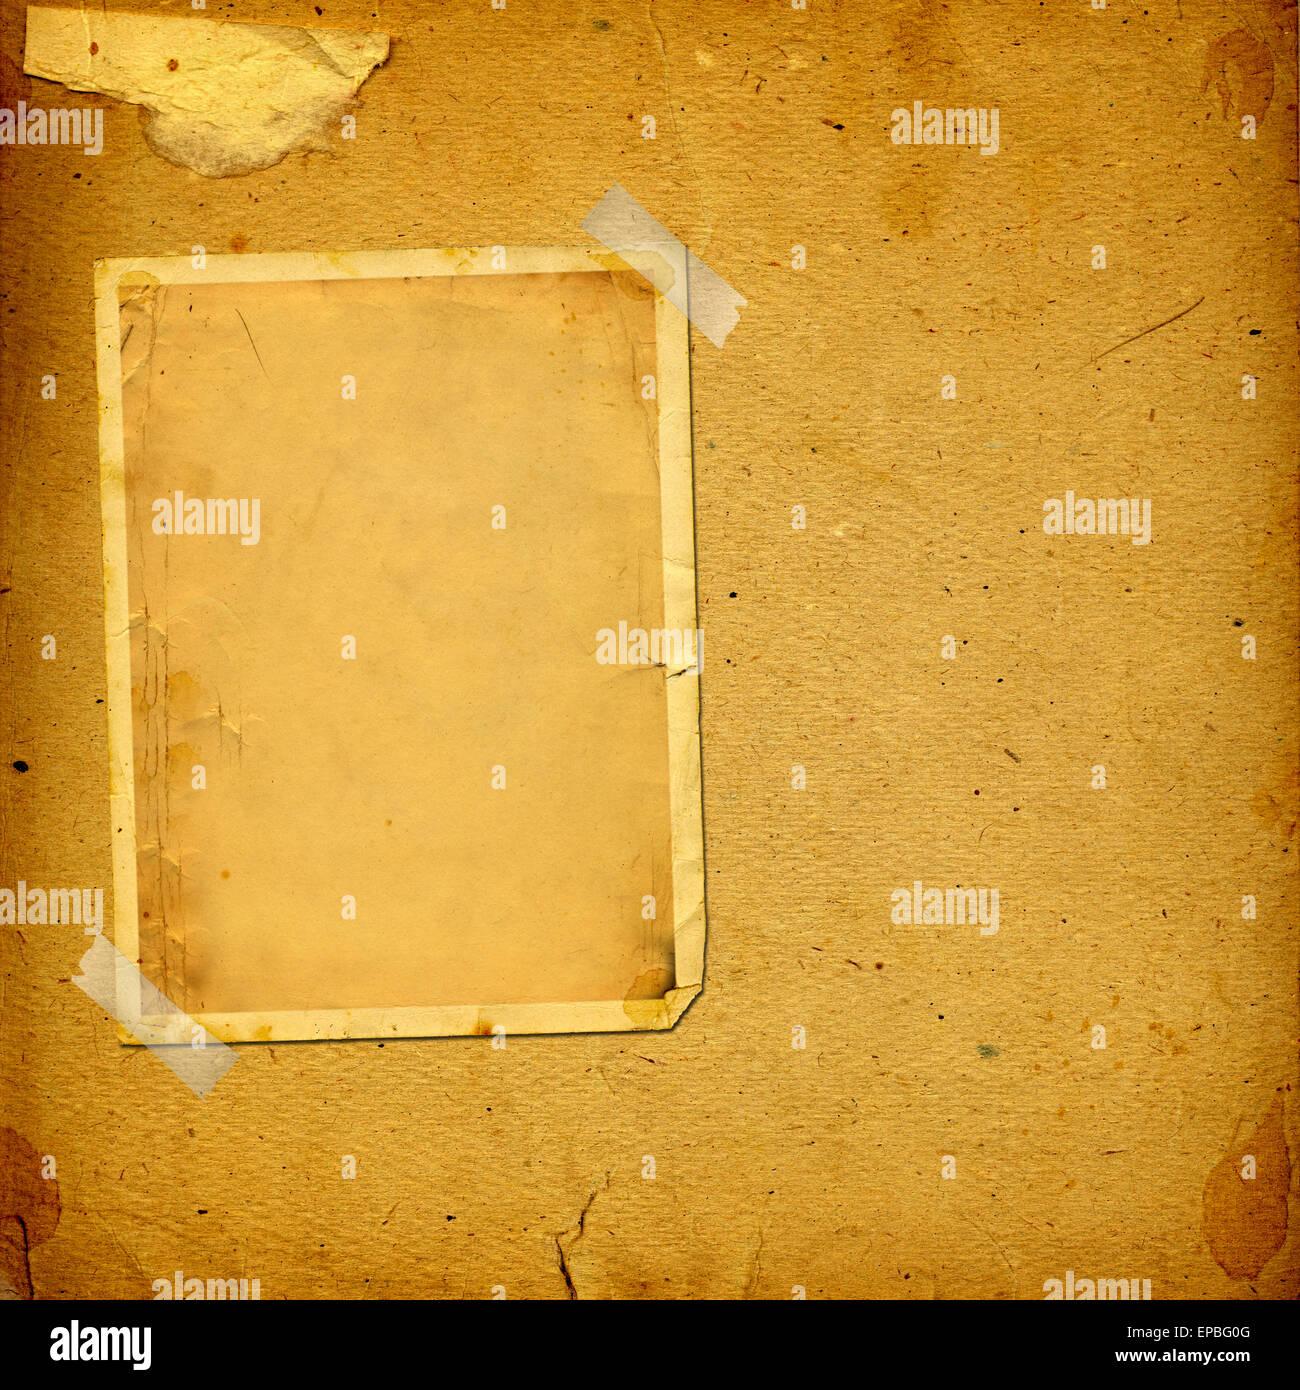 Alte Vintage Album mit Papier Rahmen für Fotos Stockfoto, Bild ...